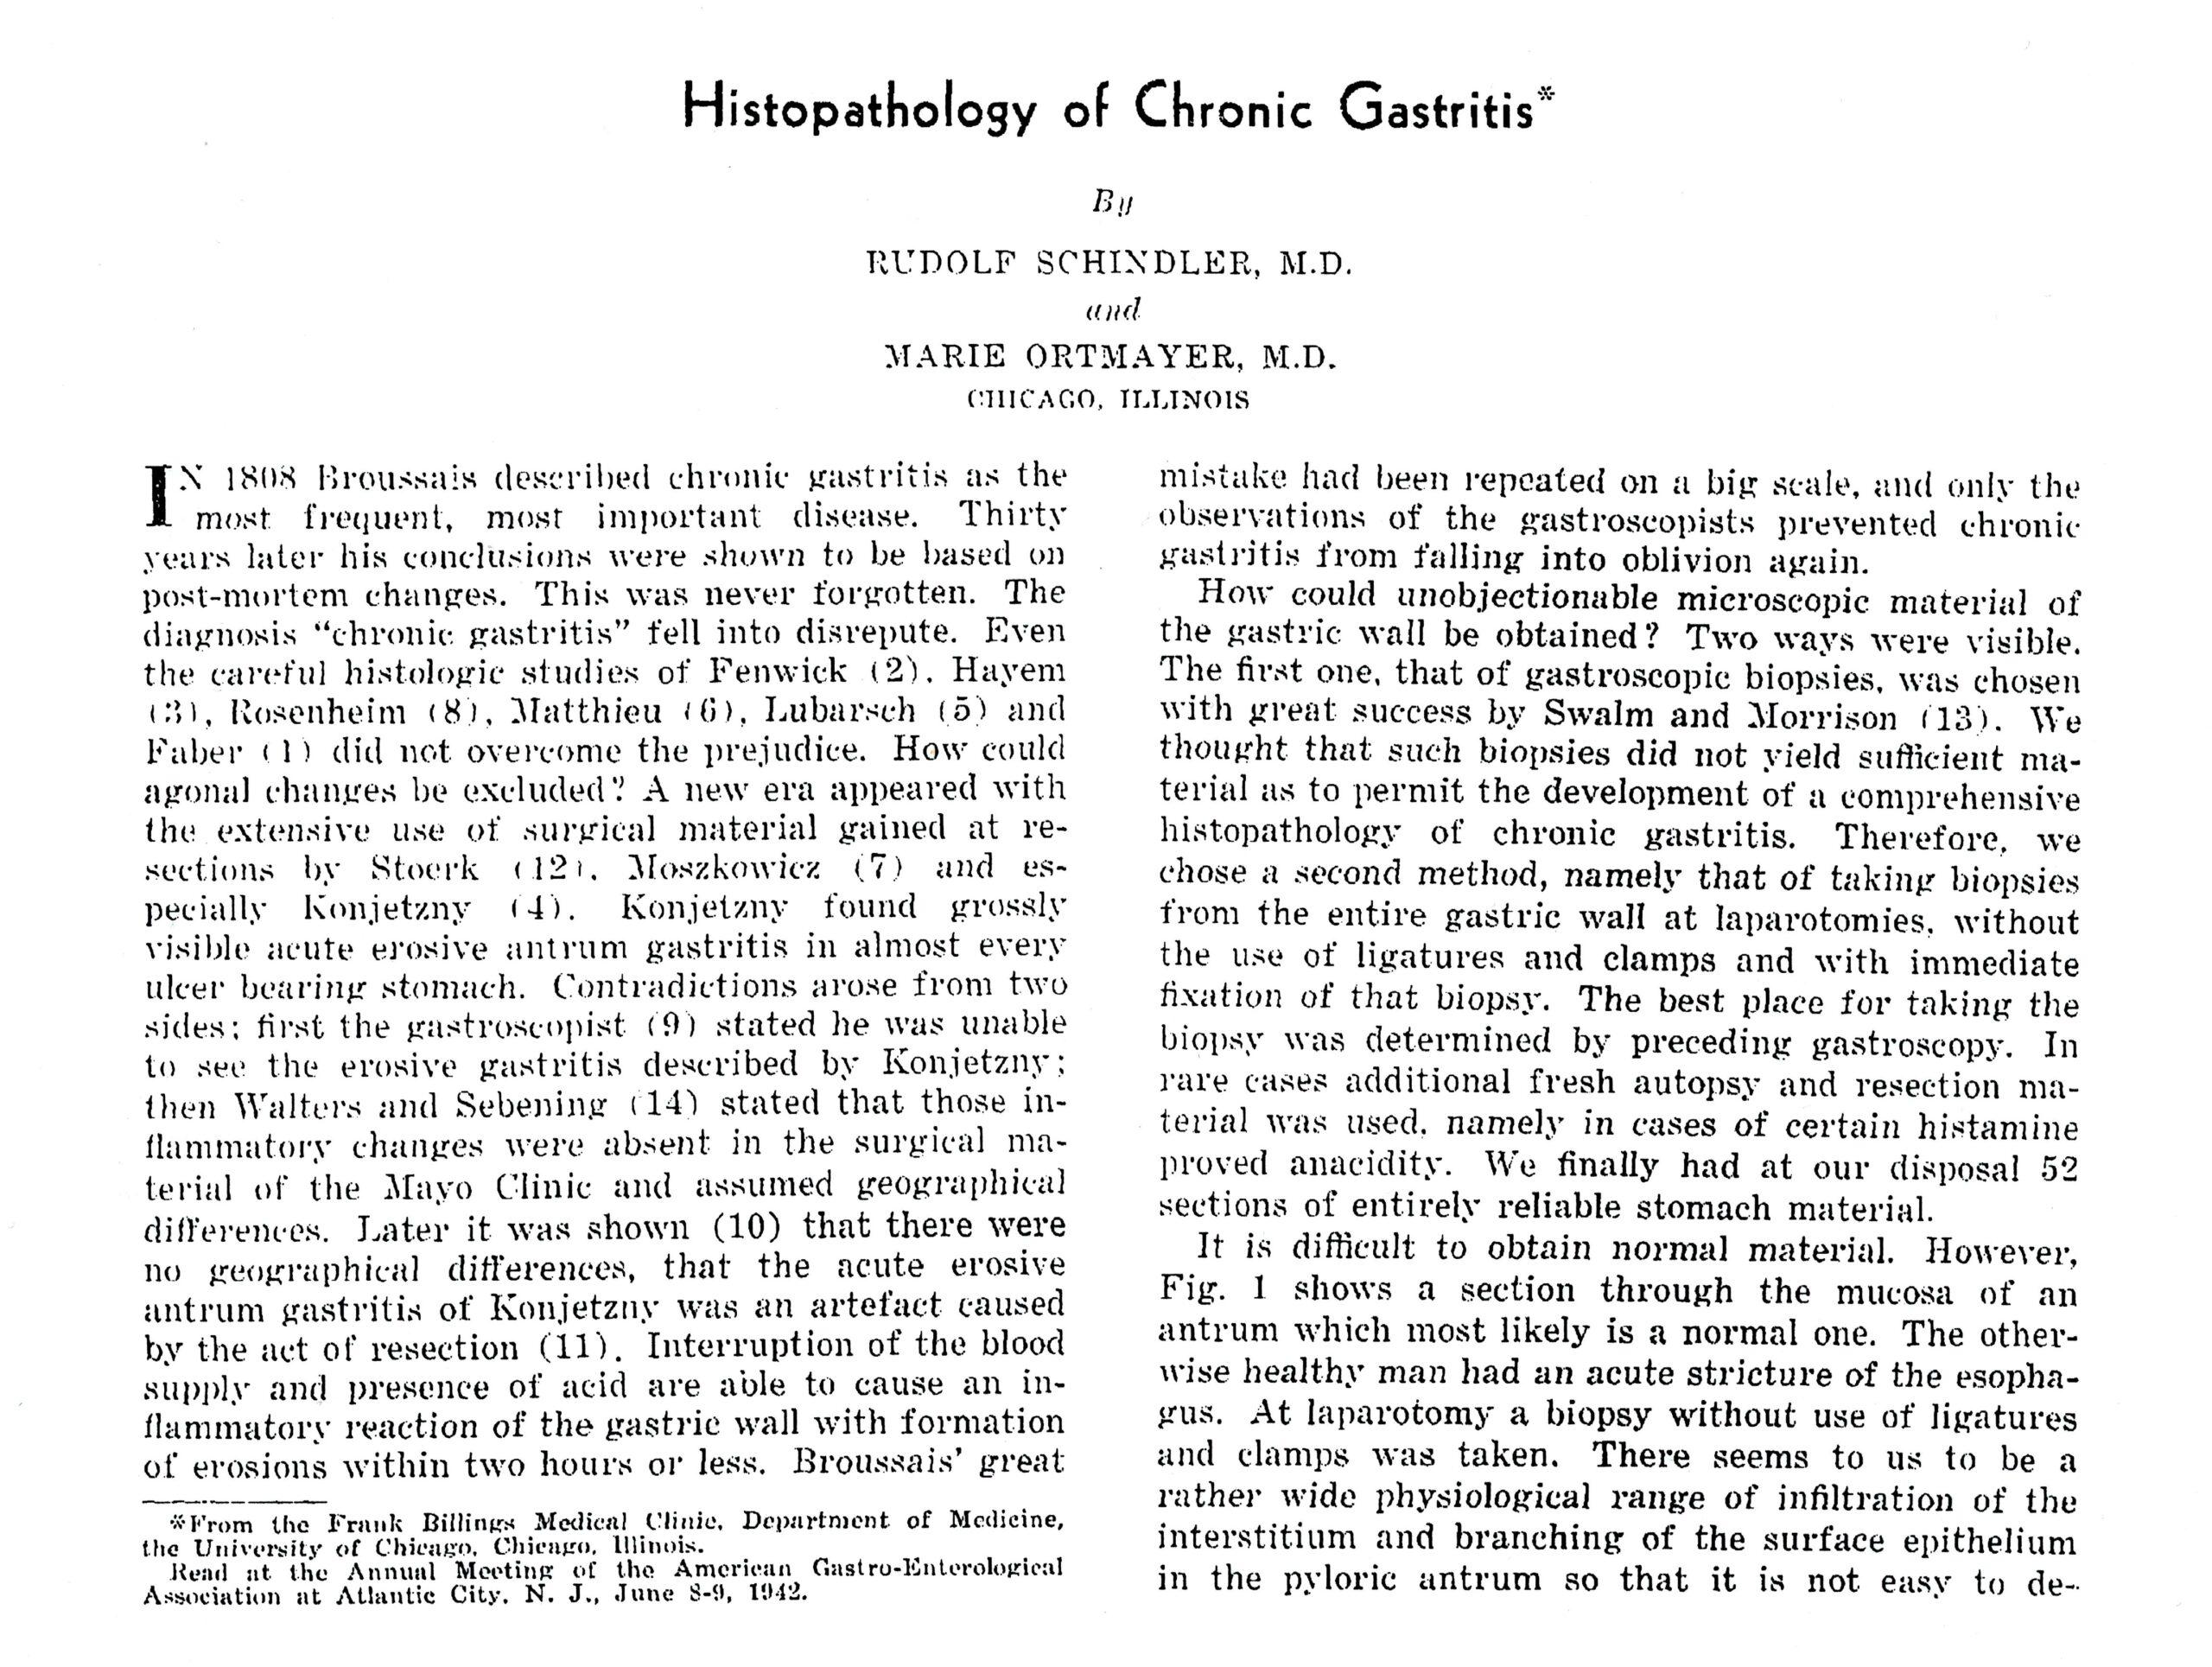 American Journal of Digestive Diseases 1942